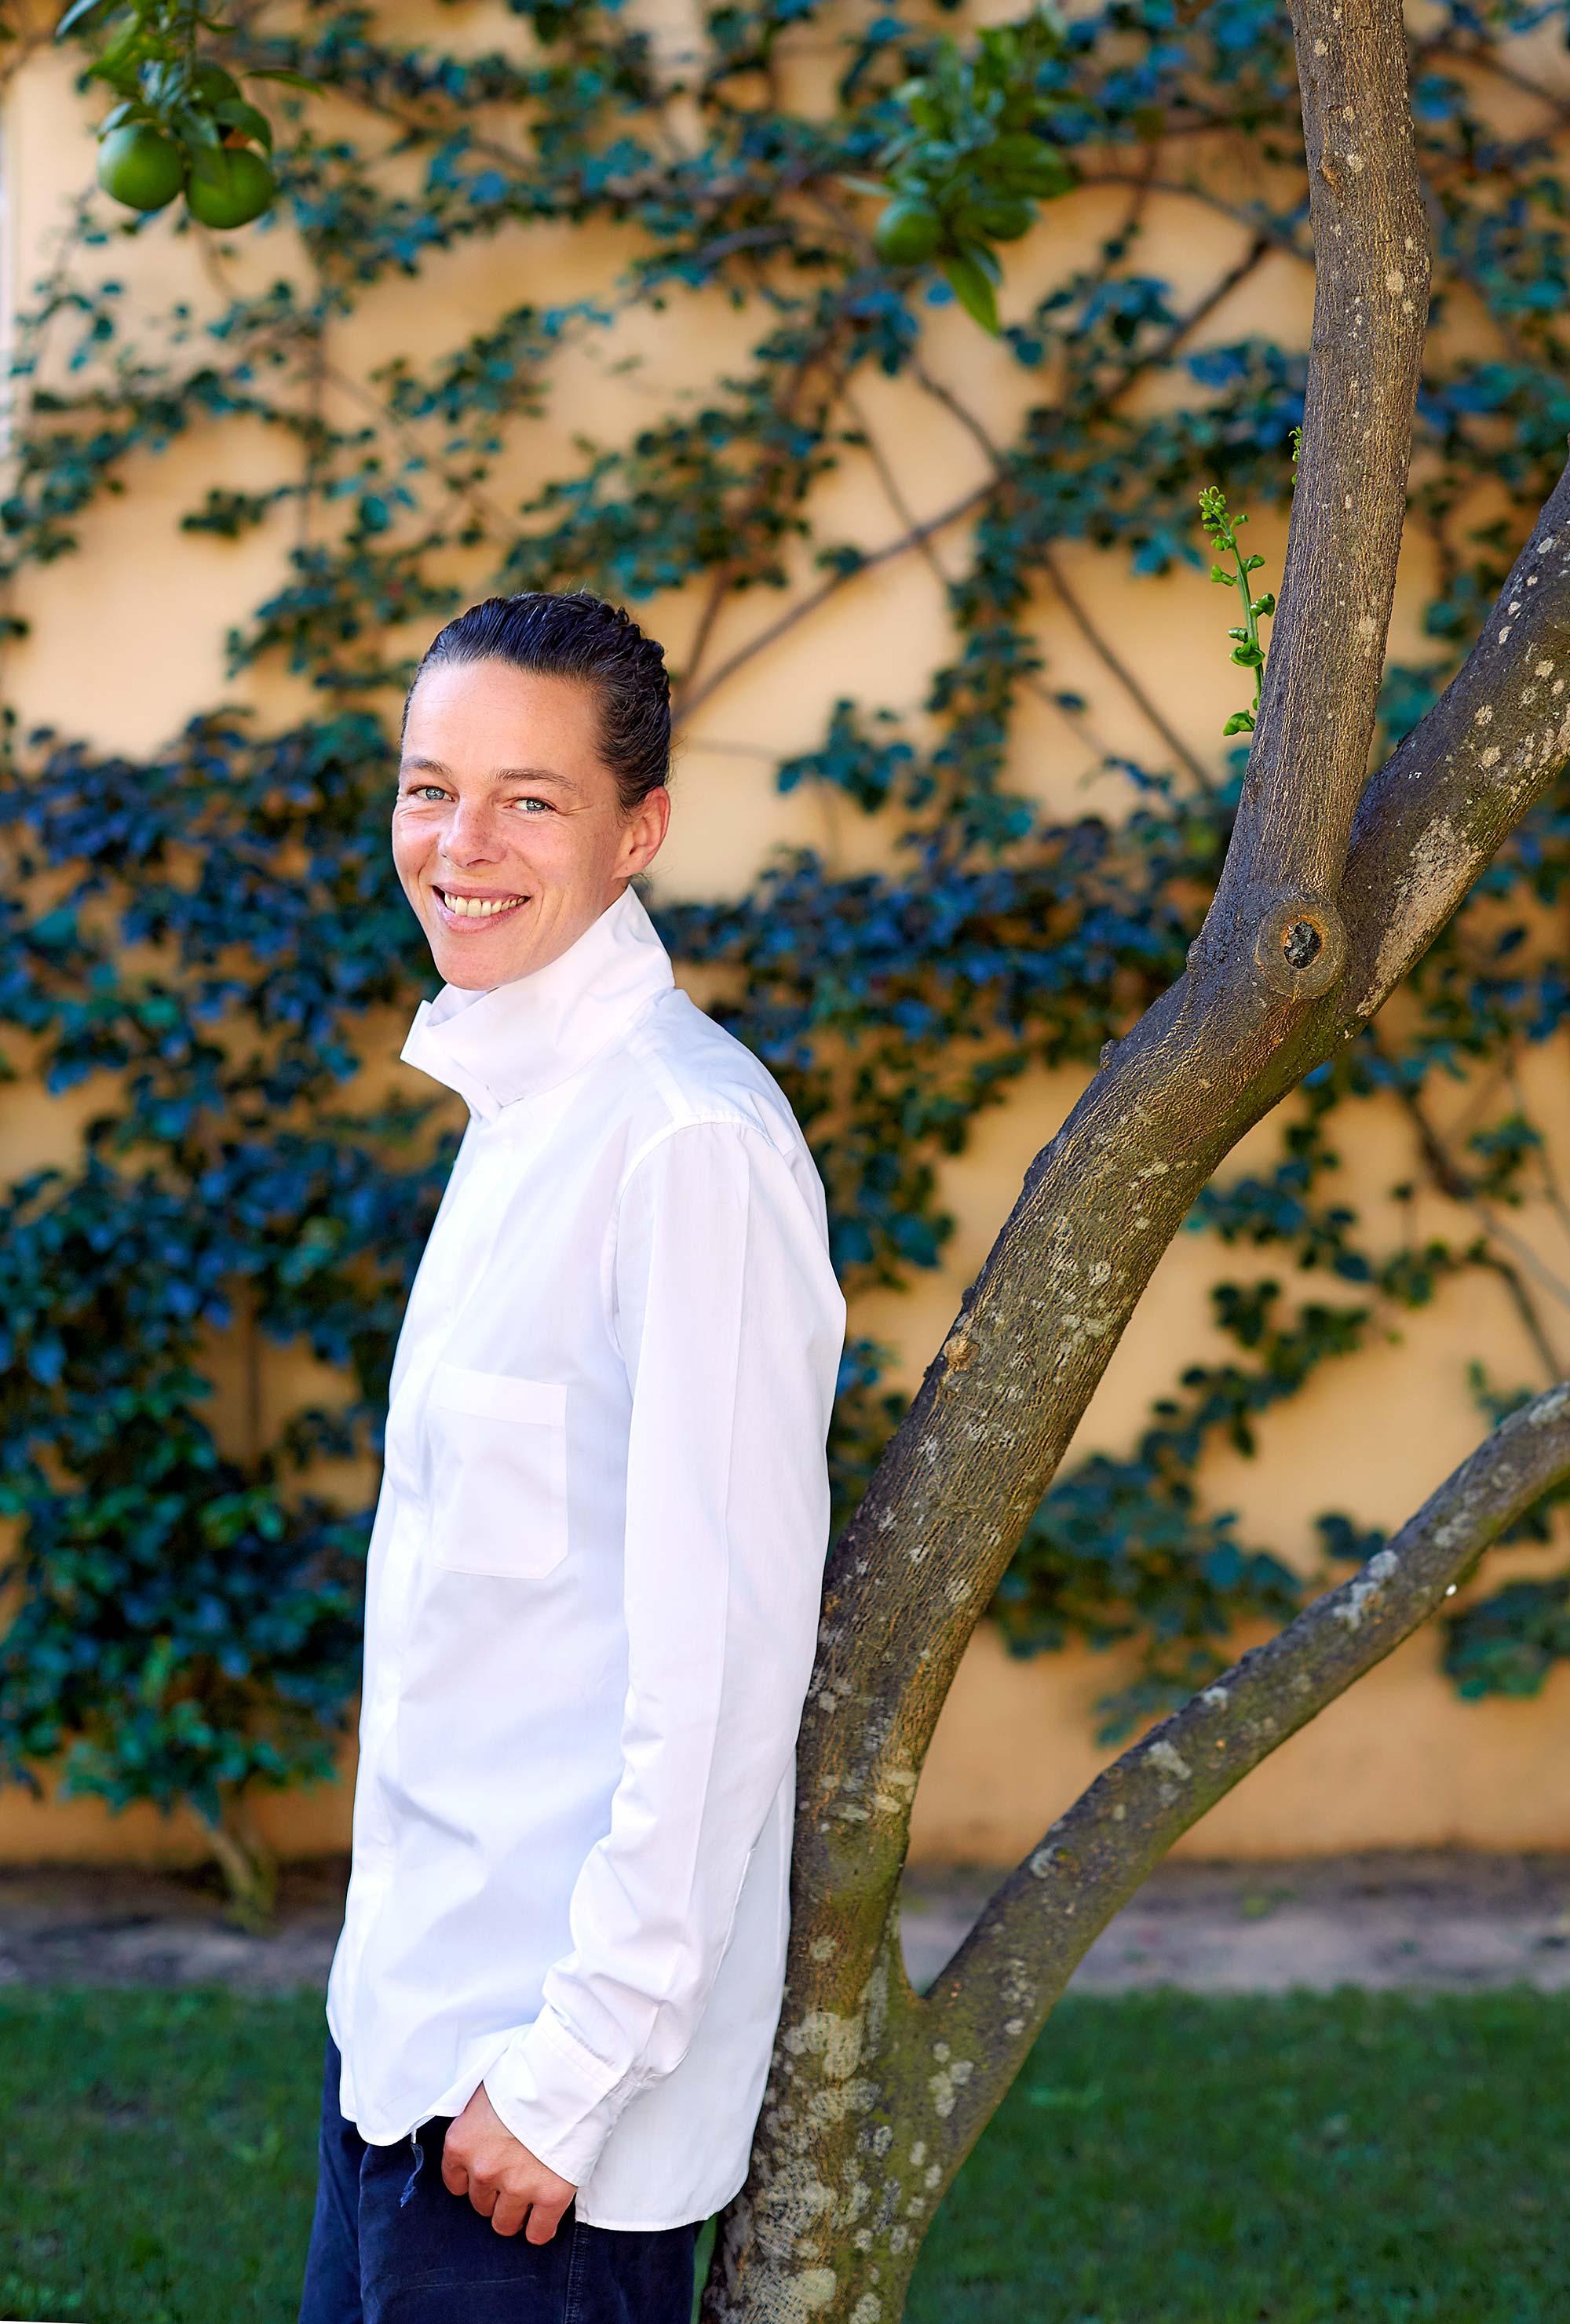 Femme avec chemise blanche, adossée à un arbre dans un jardin